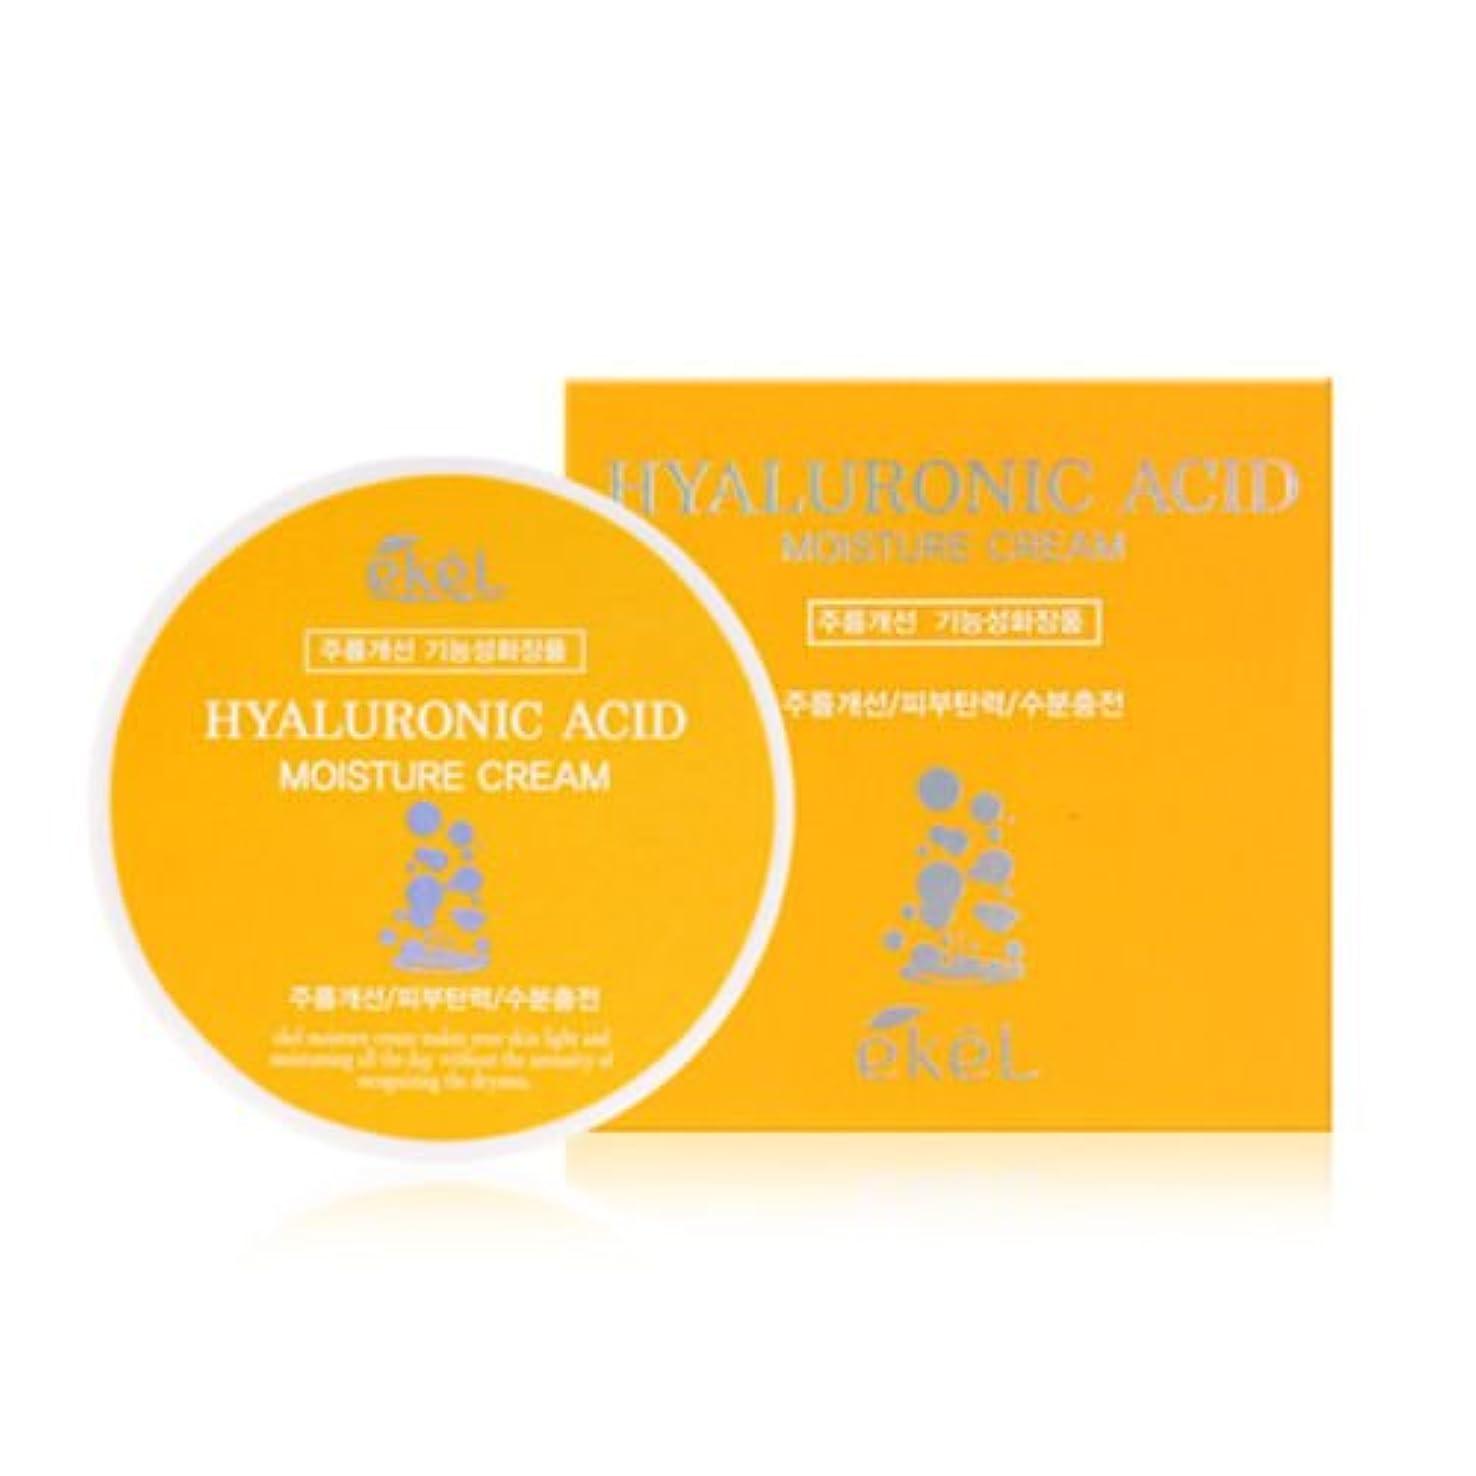 考古学的な先例うるさいイケル[韓国コスメEkel]Hyaluronic acid Moisture Cream ヒアルロン酸モイスチャークリーム100g [並行輸入品]